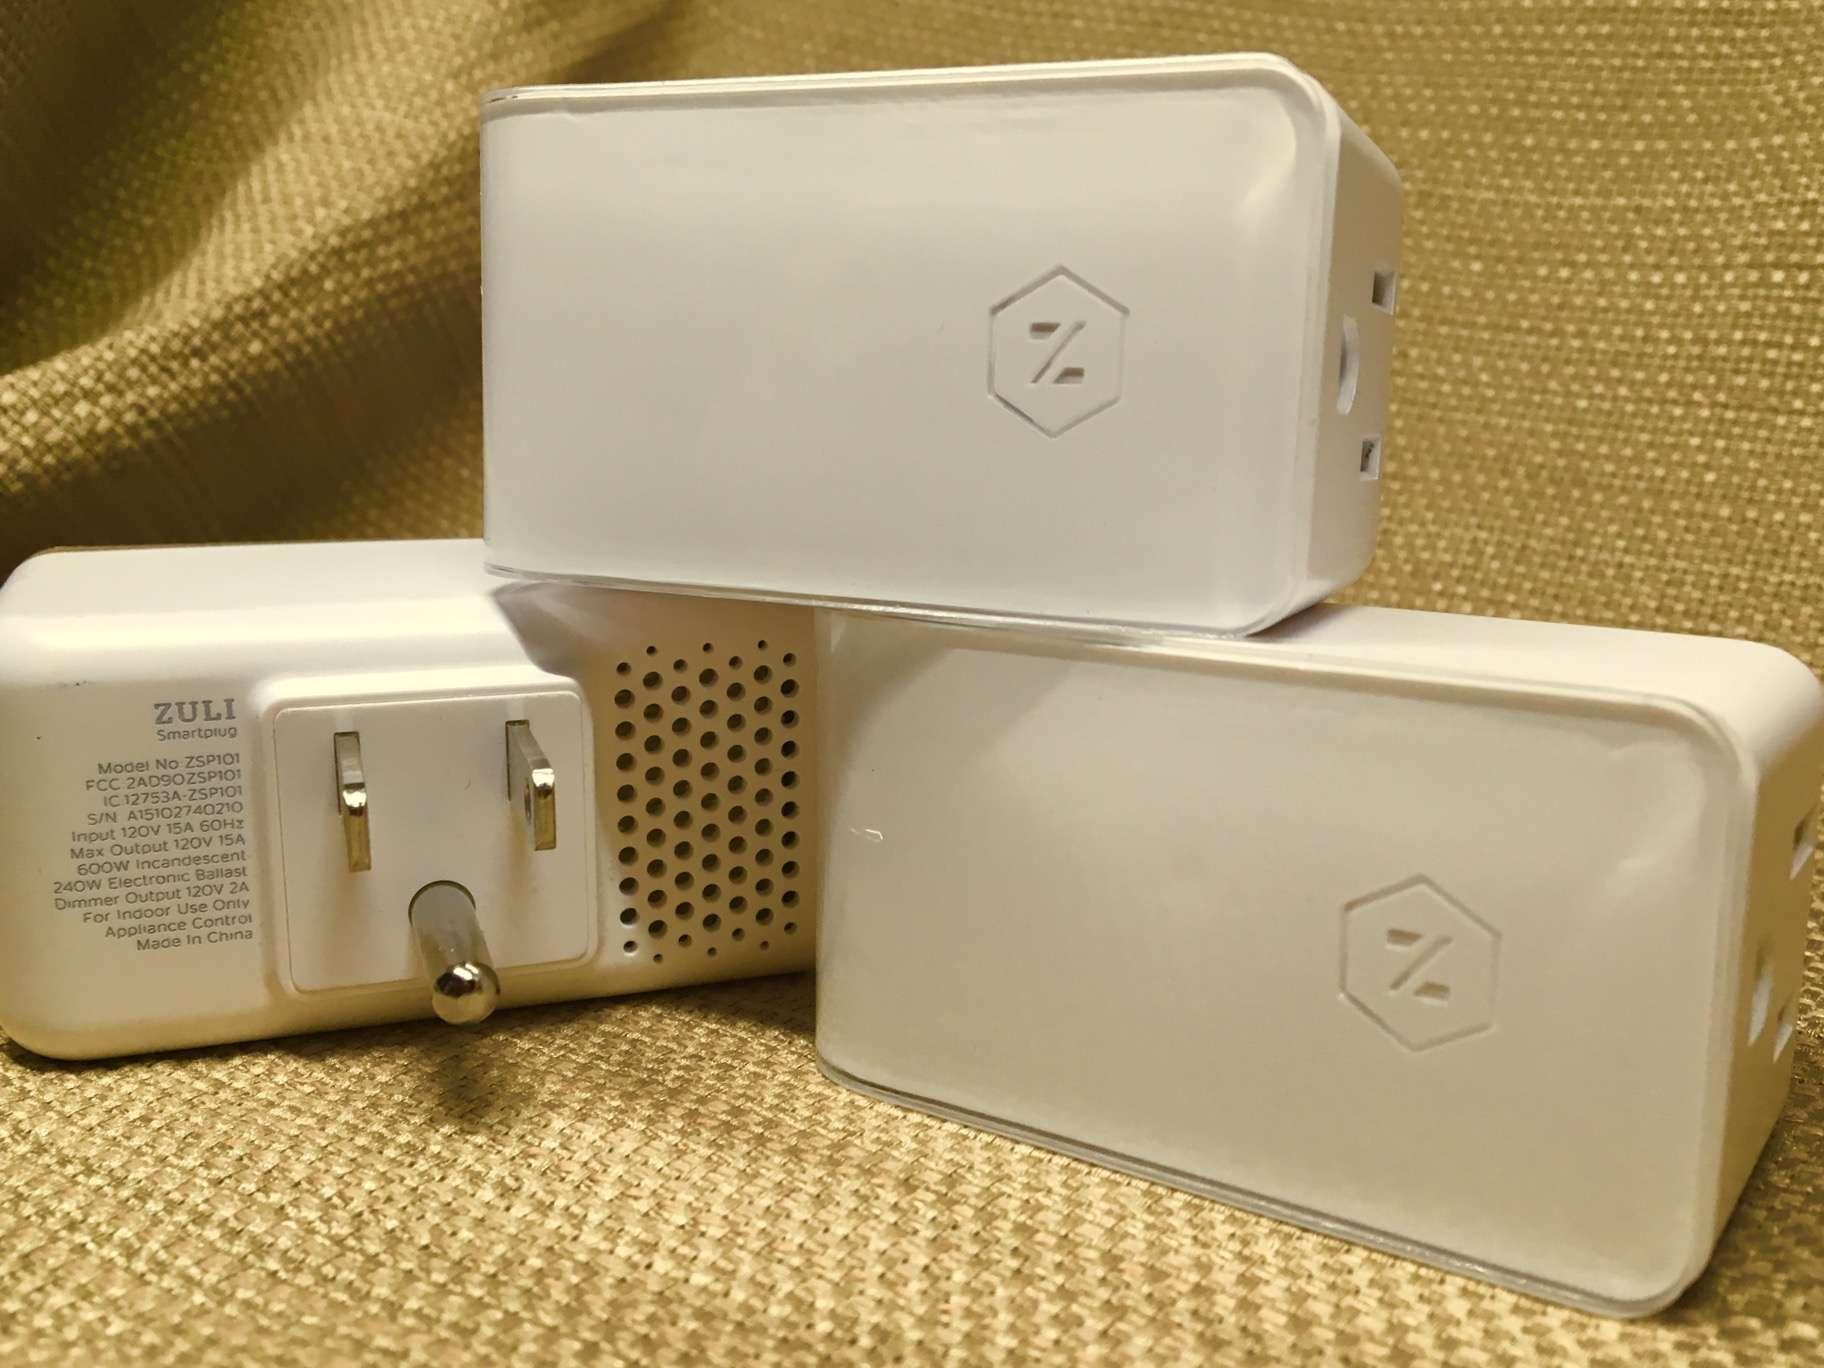 Zuli smartplug smartplugs